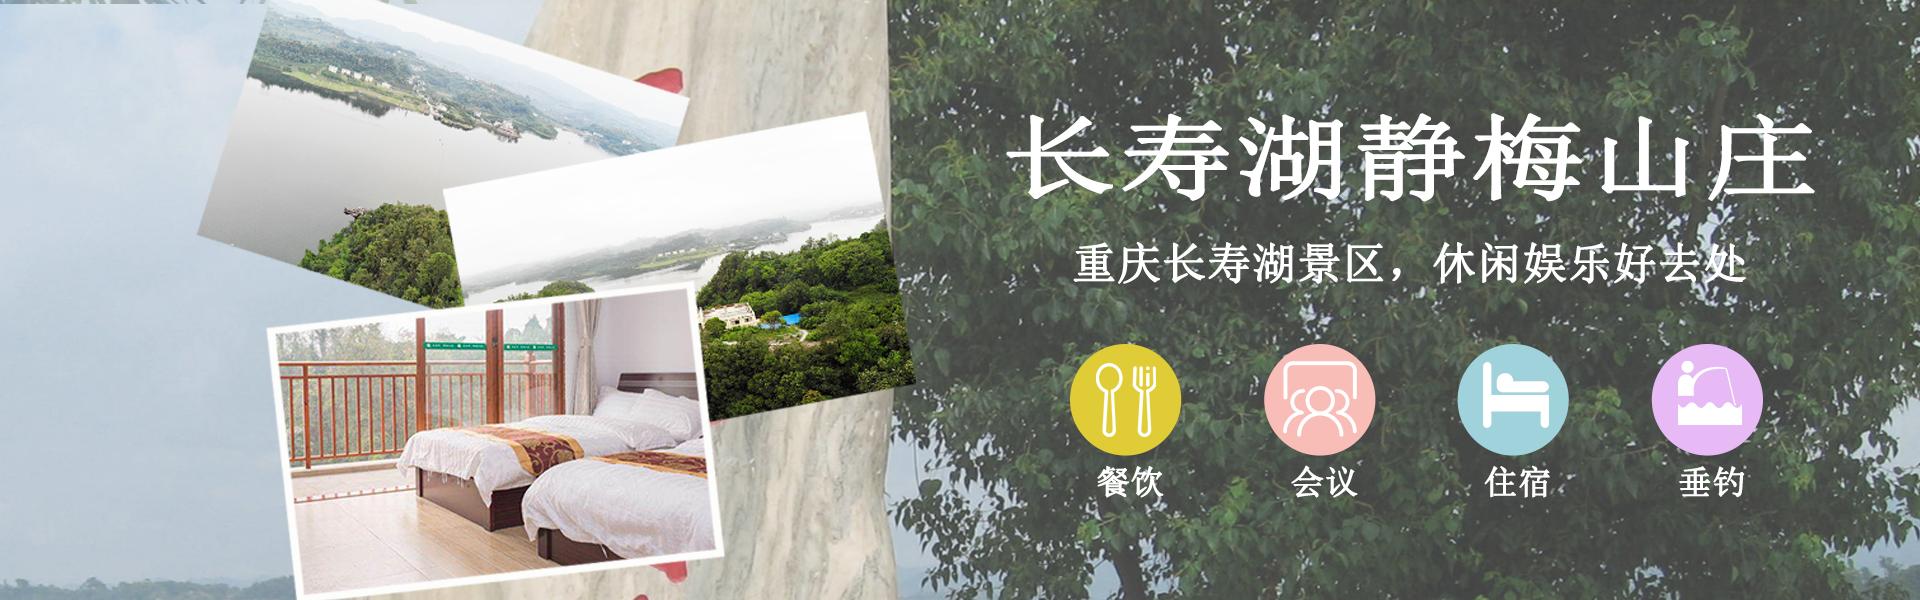 重庆长寿湖静梅农家乐